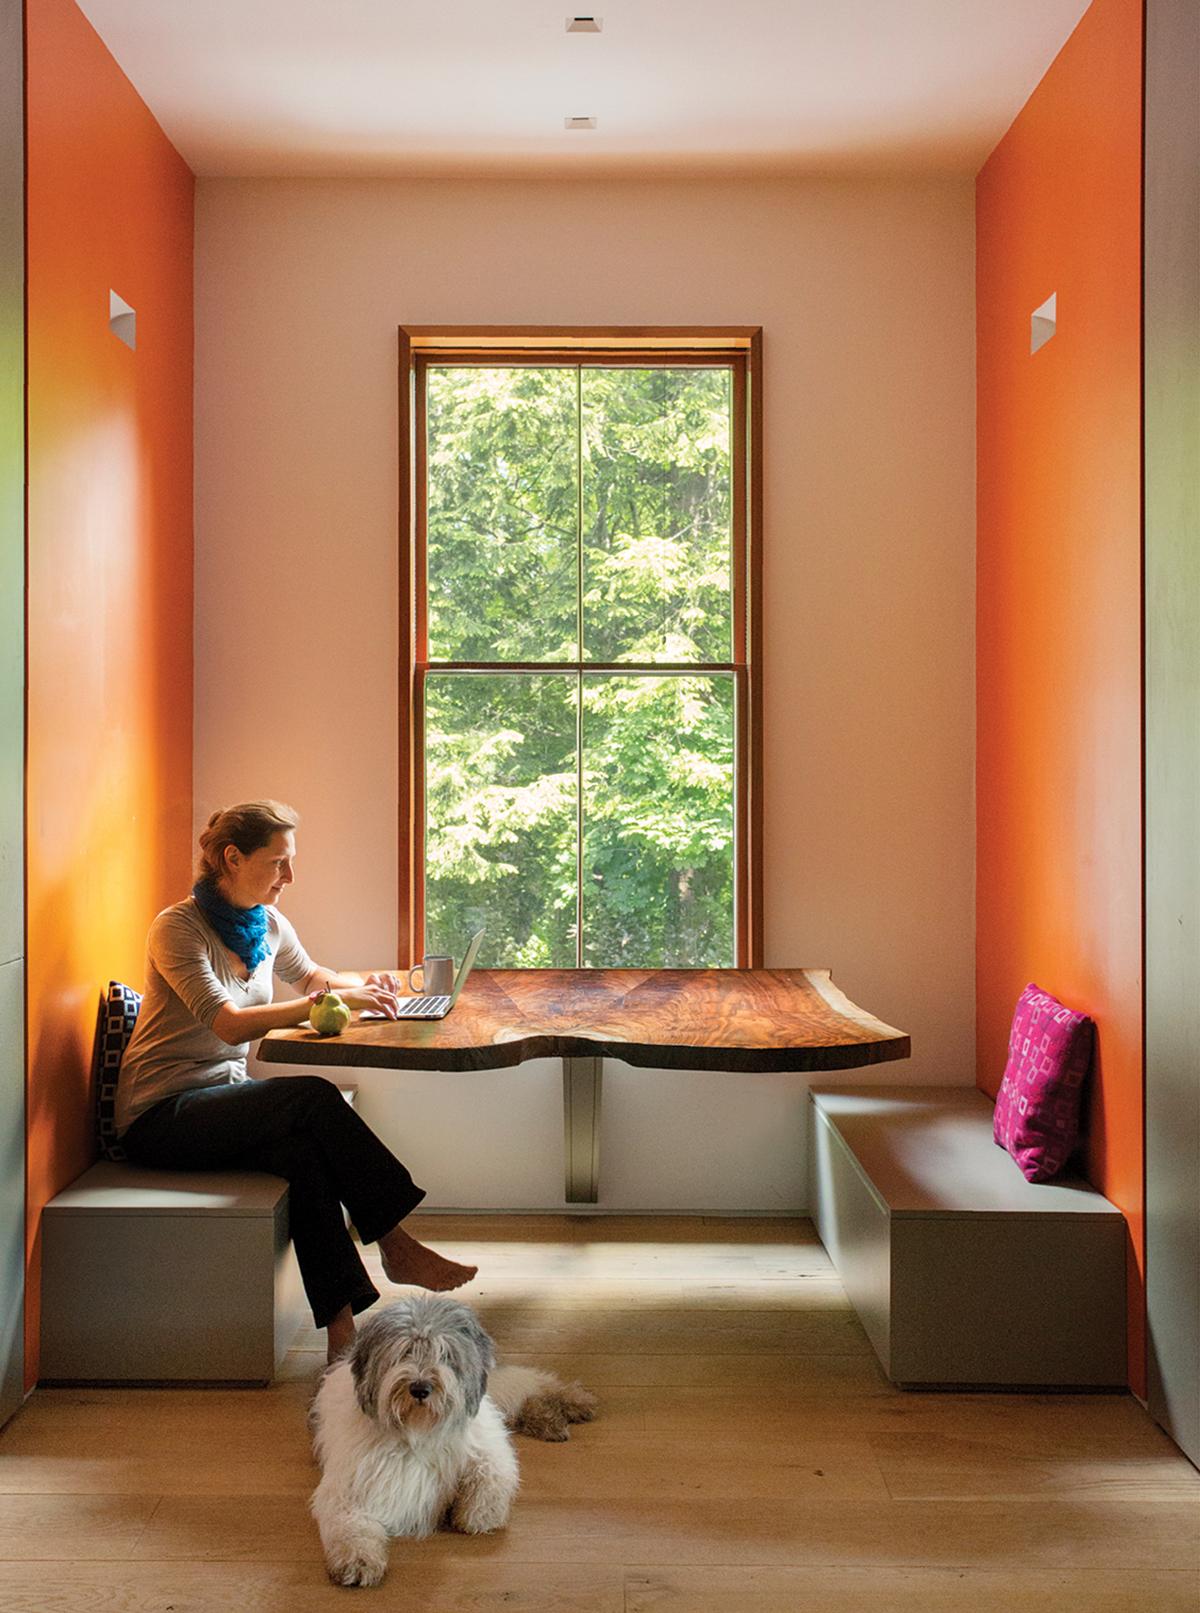 boston kitchens design guide 2016 7